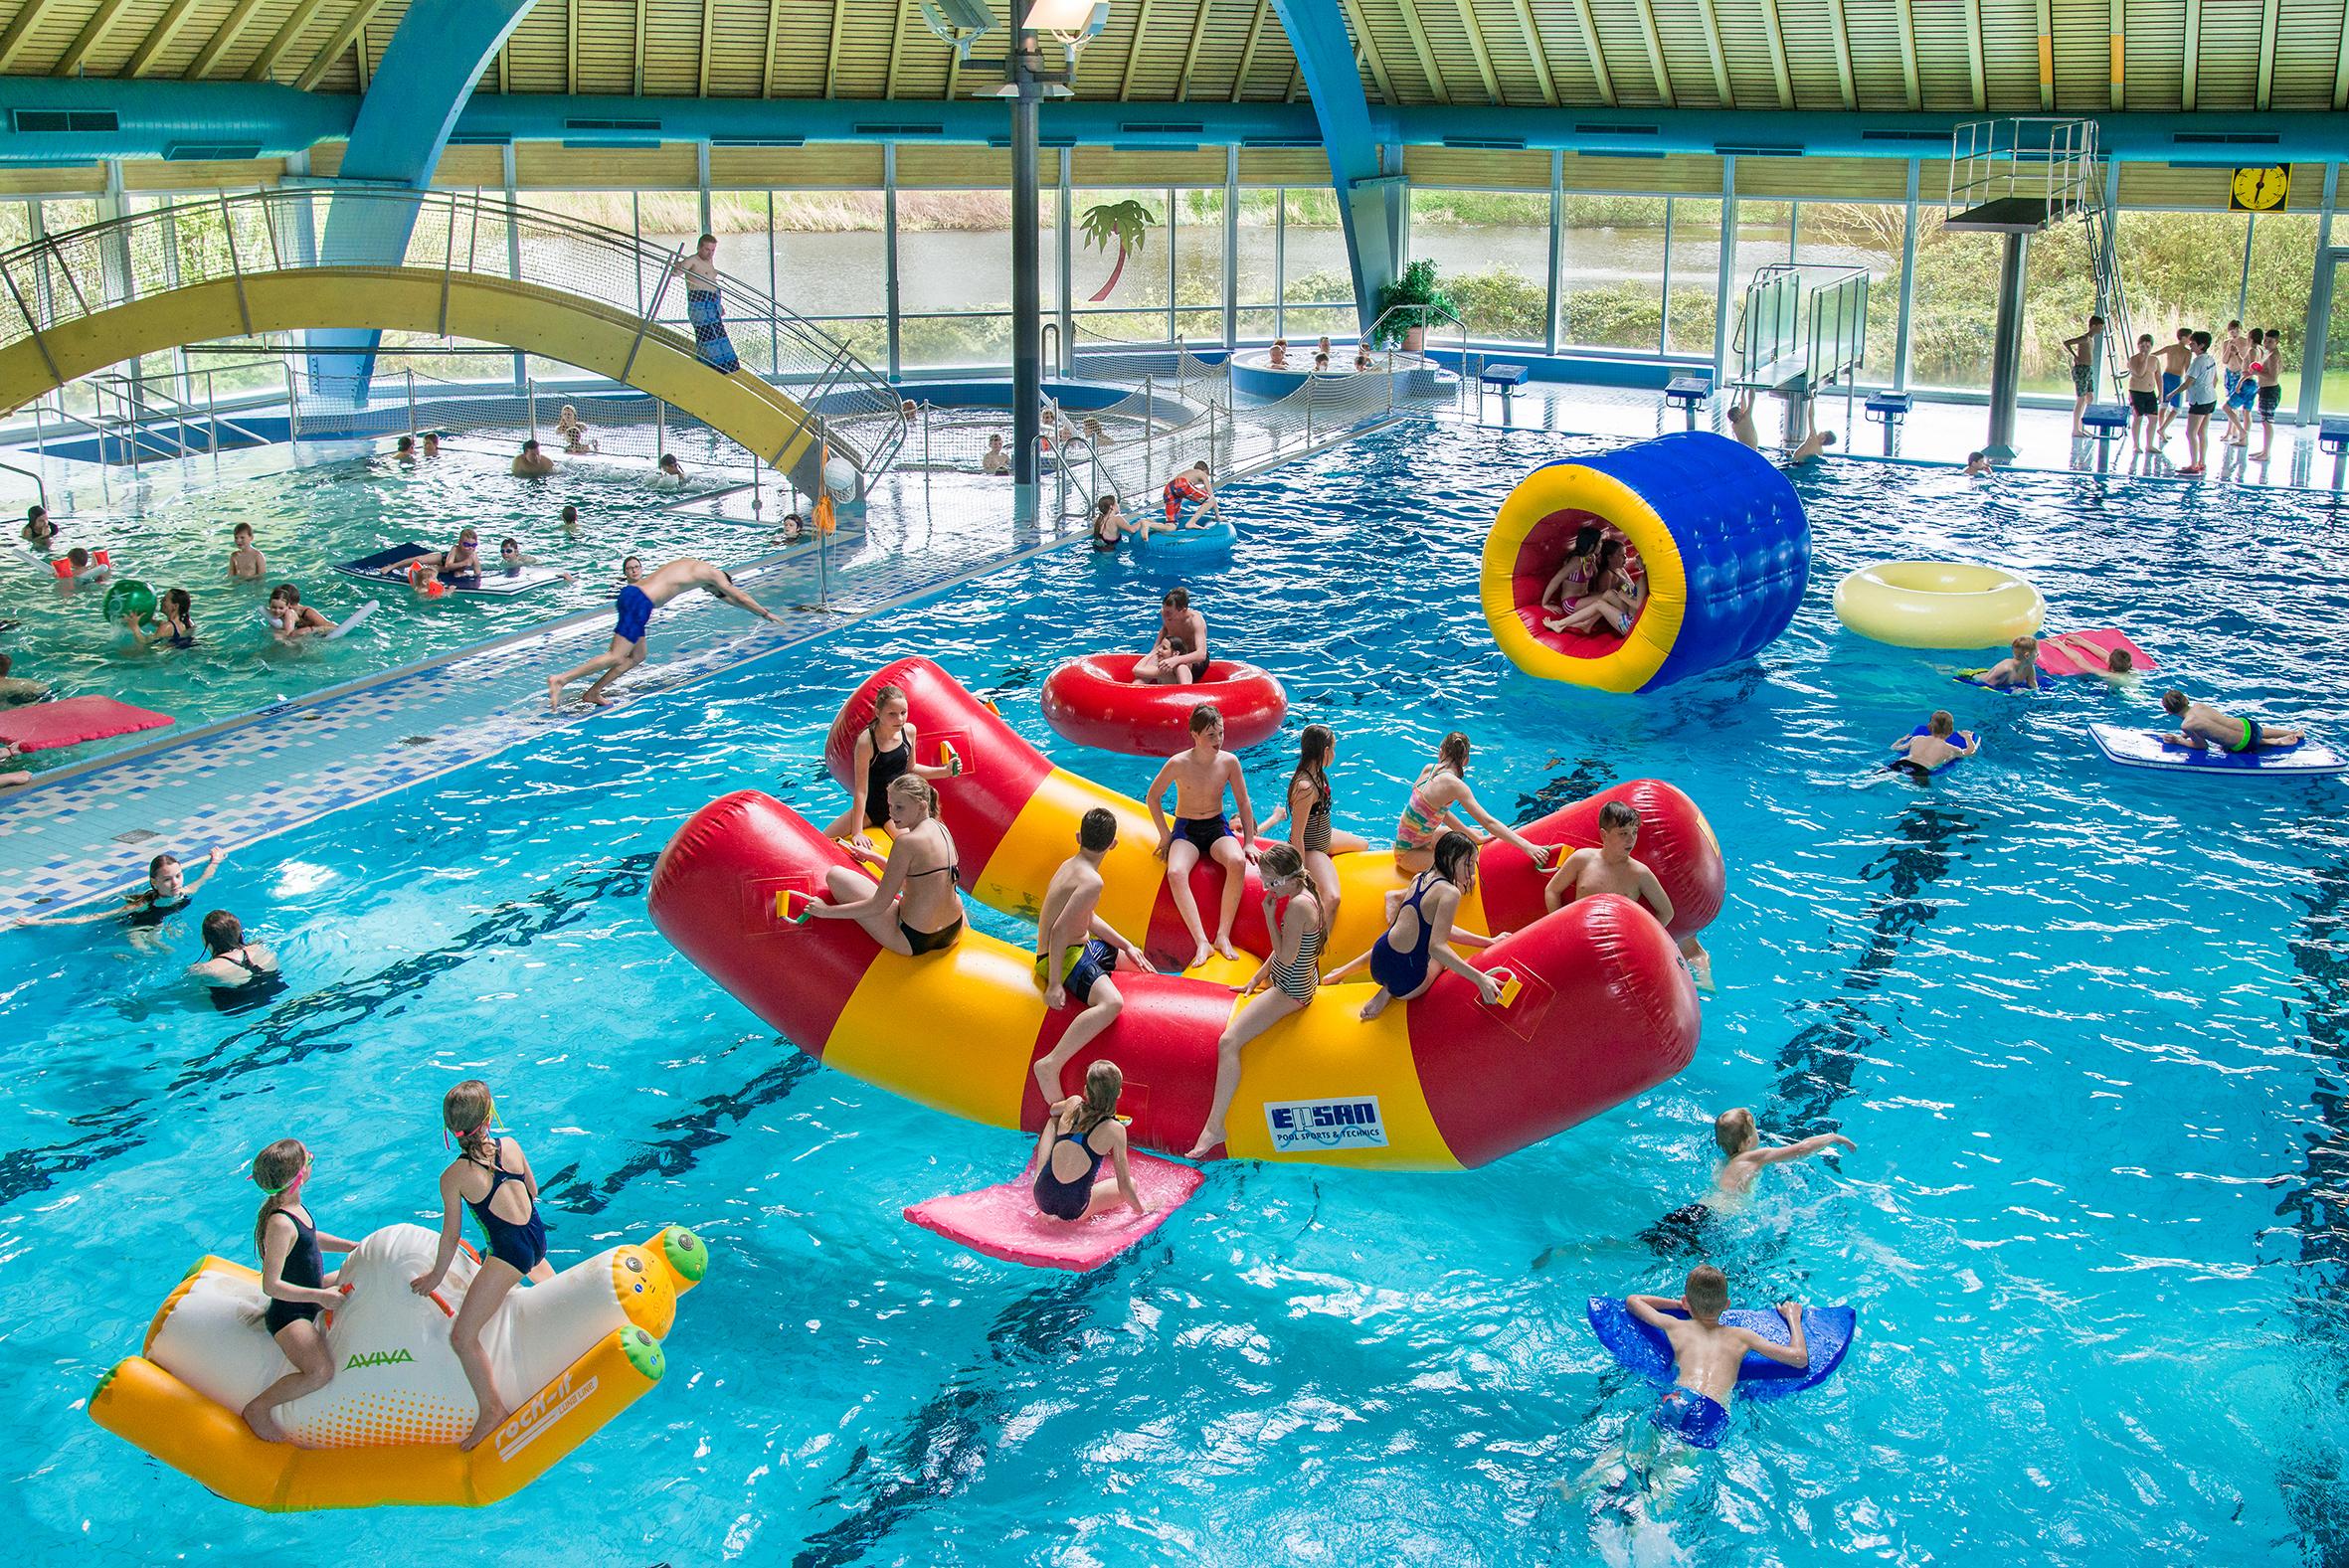 Schwimm- und Erlebnisbad - Freizeitbad Brunsbüttel